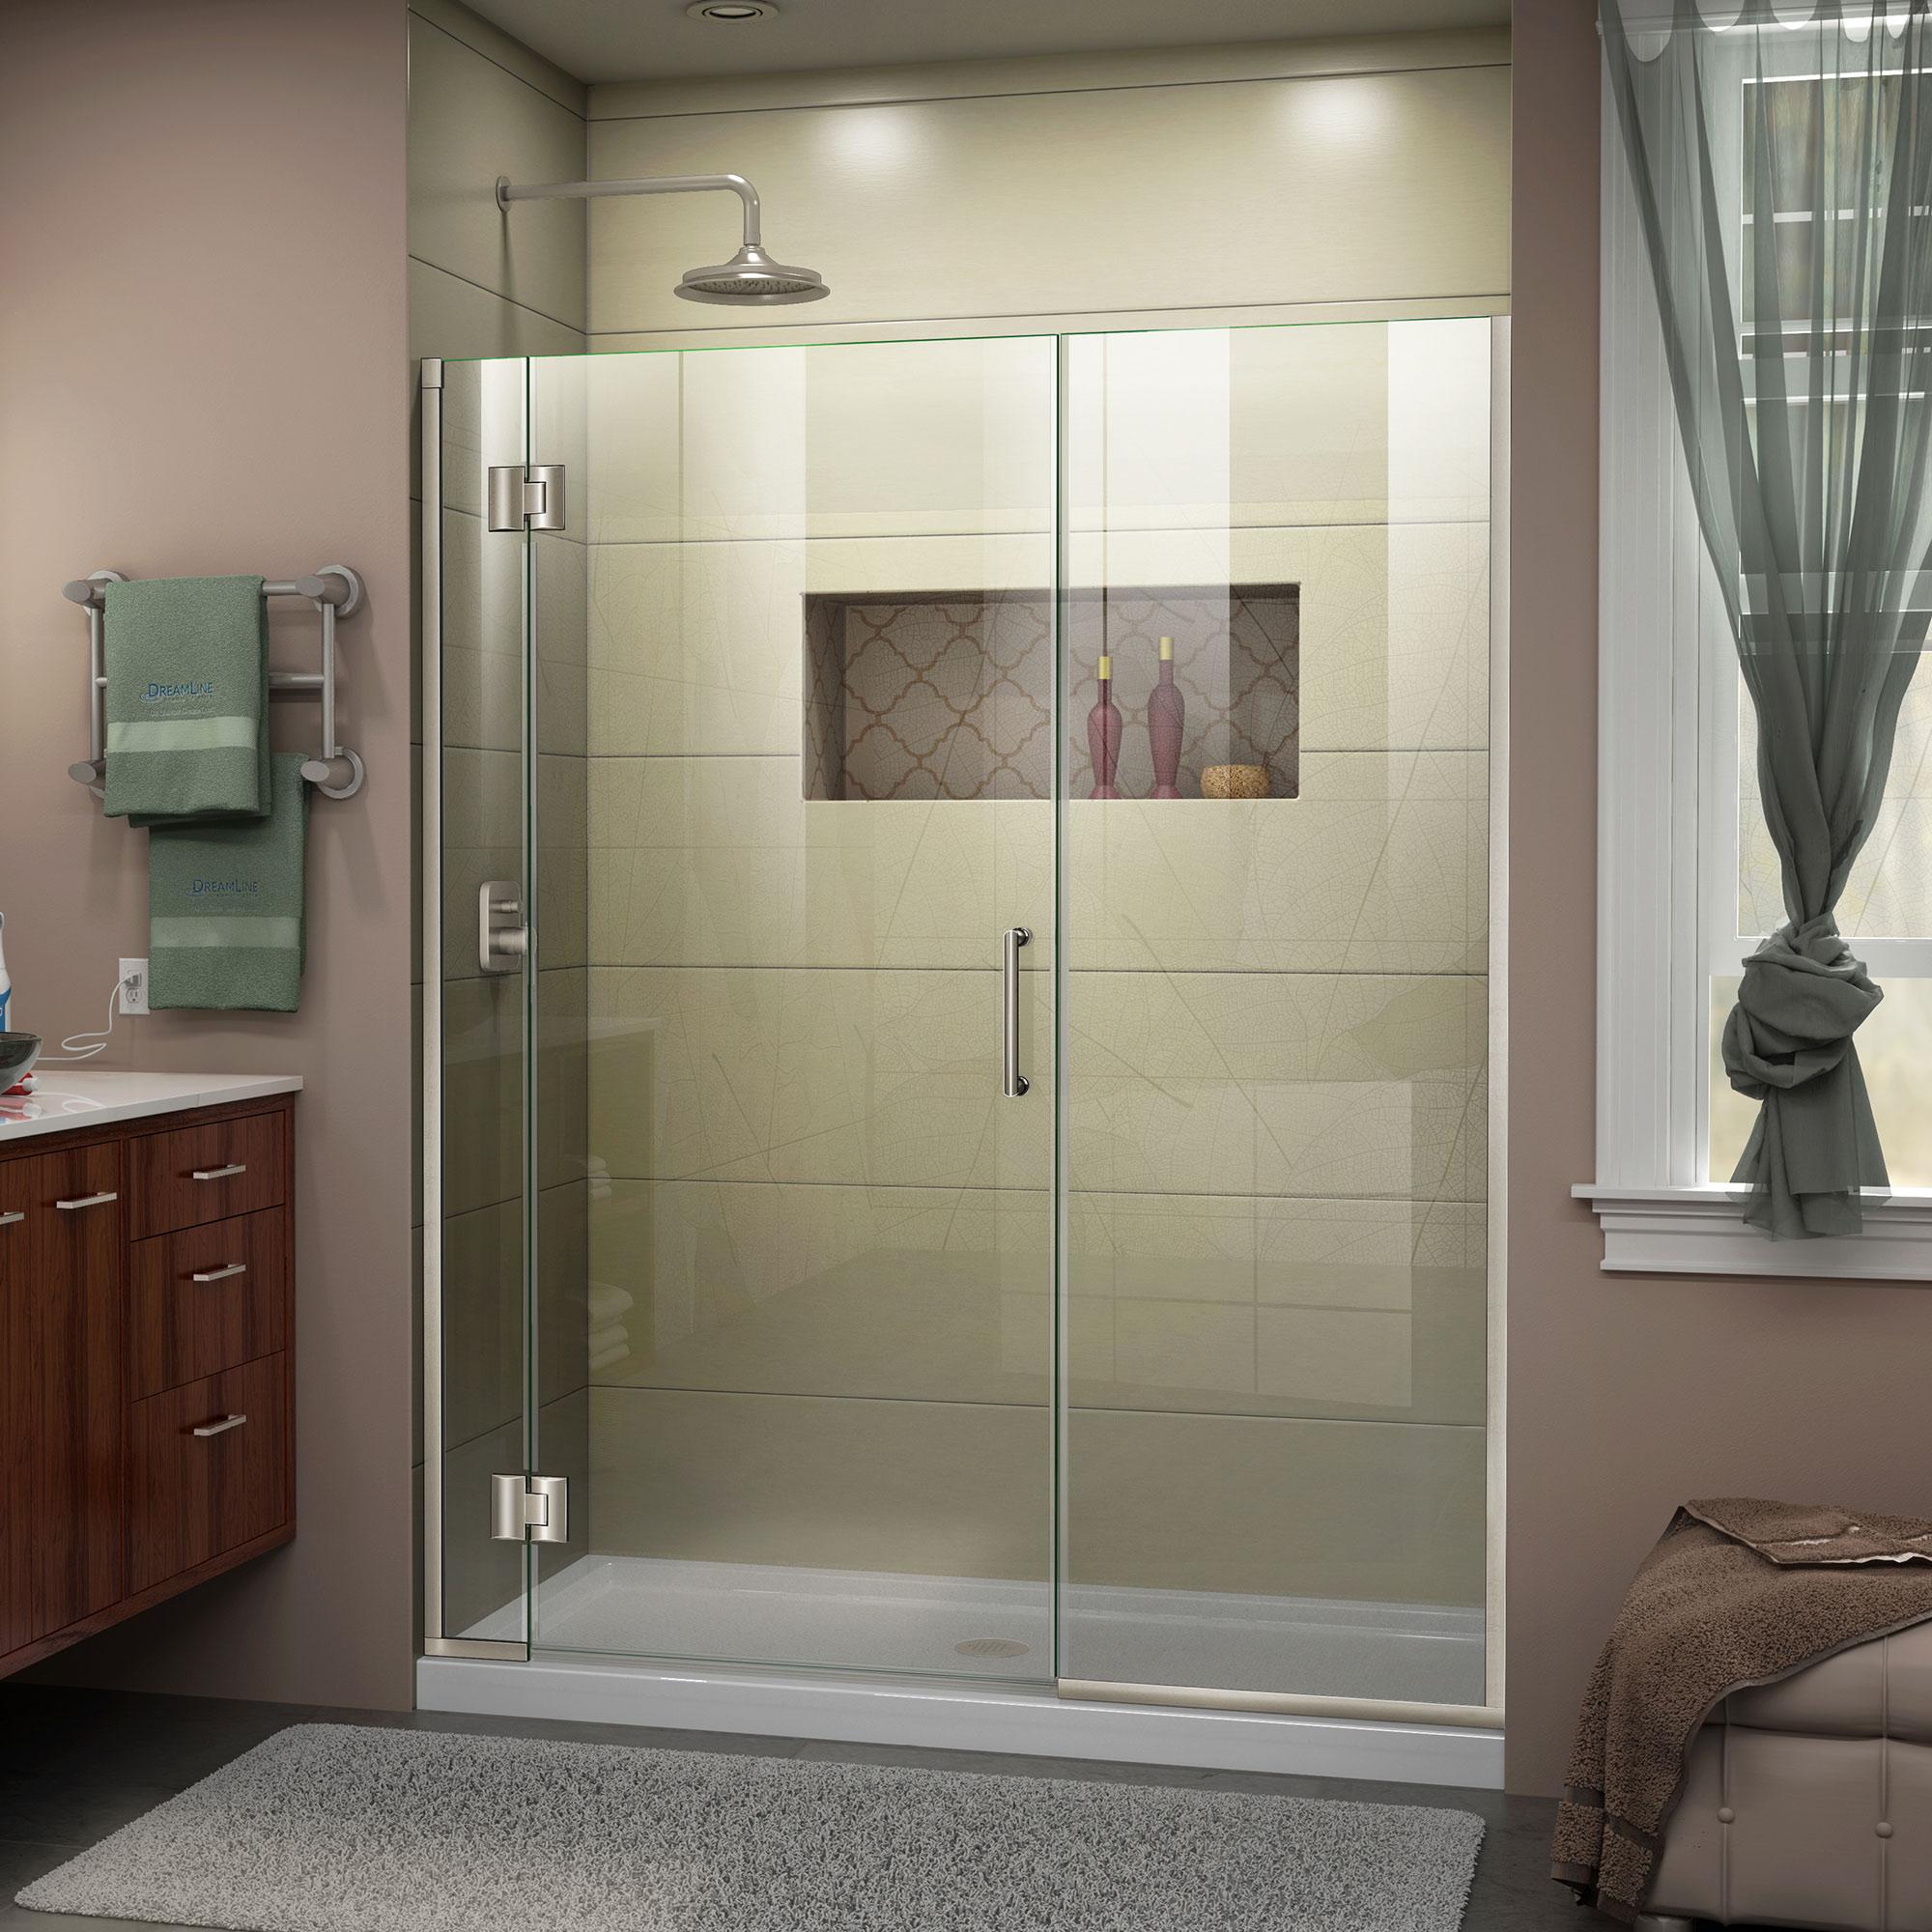 DreamLine Unidoor-X 44-44 1/2 in. W x 72 in. H Frameless Hinged Shower Door in Brushed Nickel